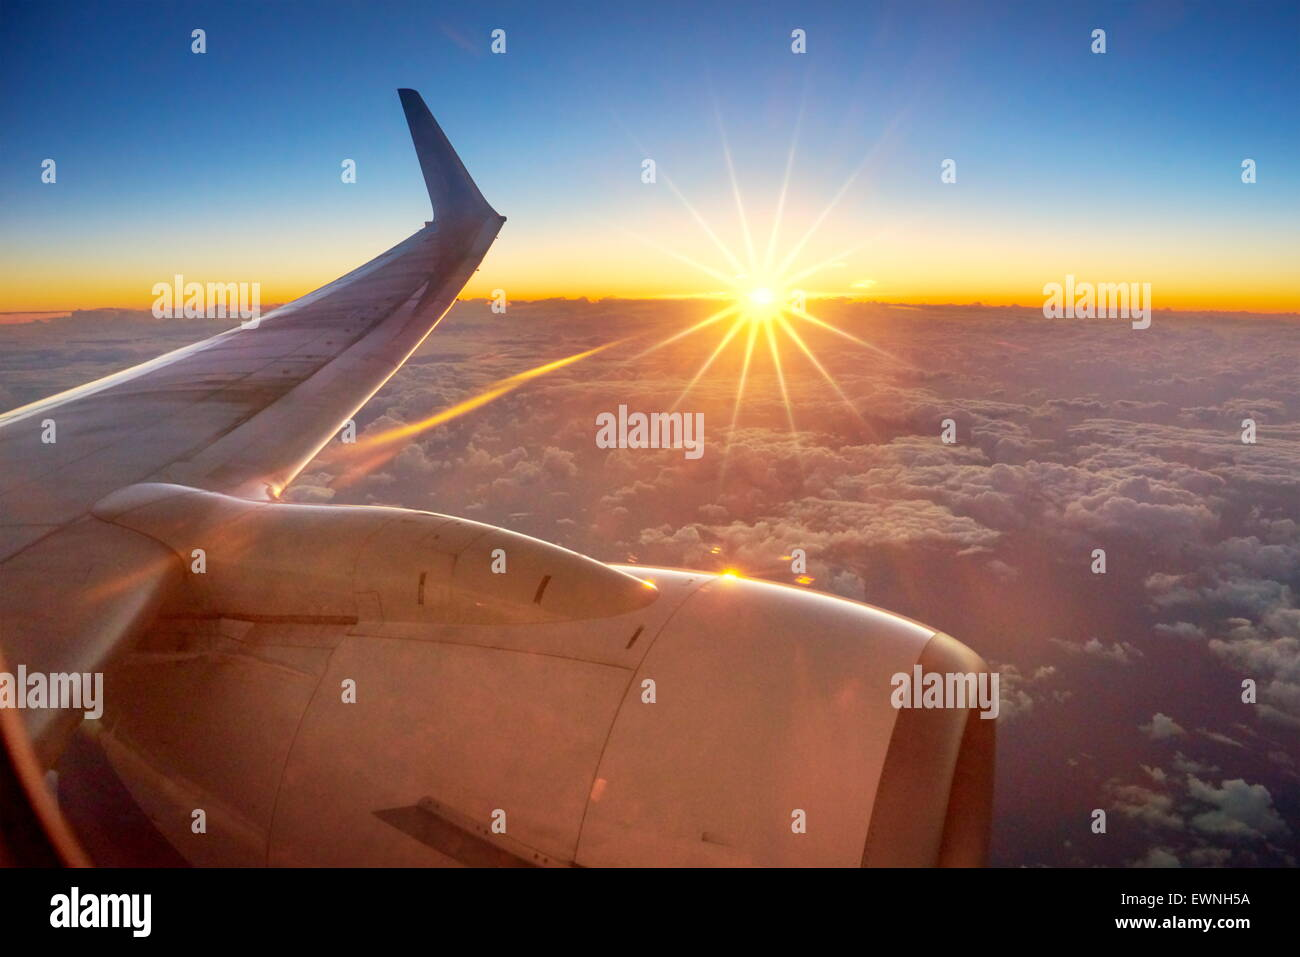 Vista del atardecer desde la ventana del avión Imagen De Stock